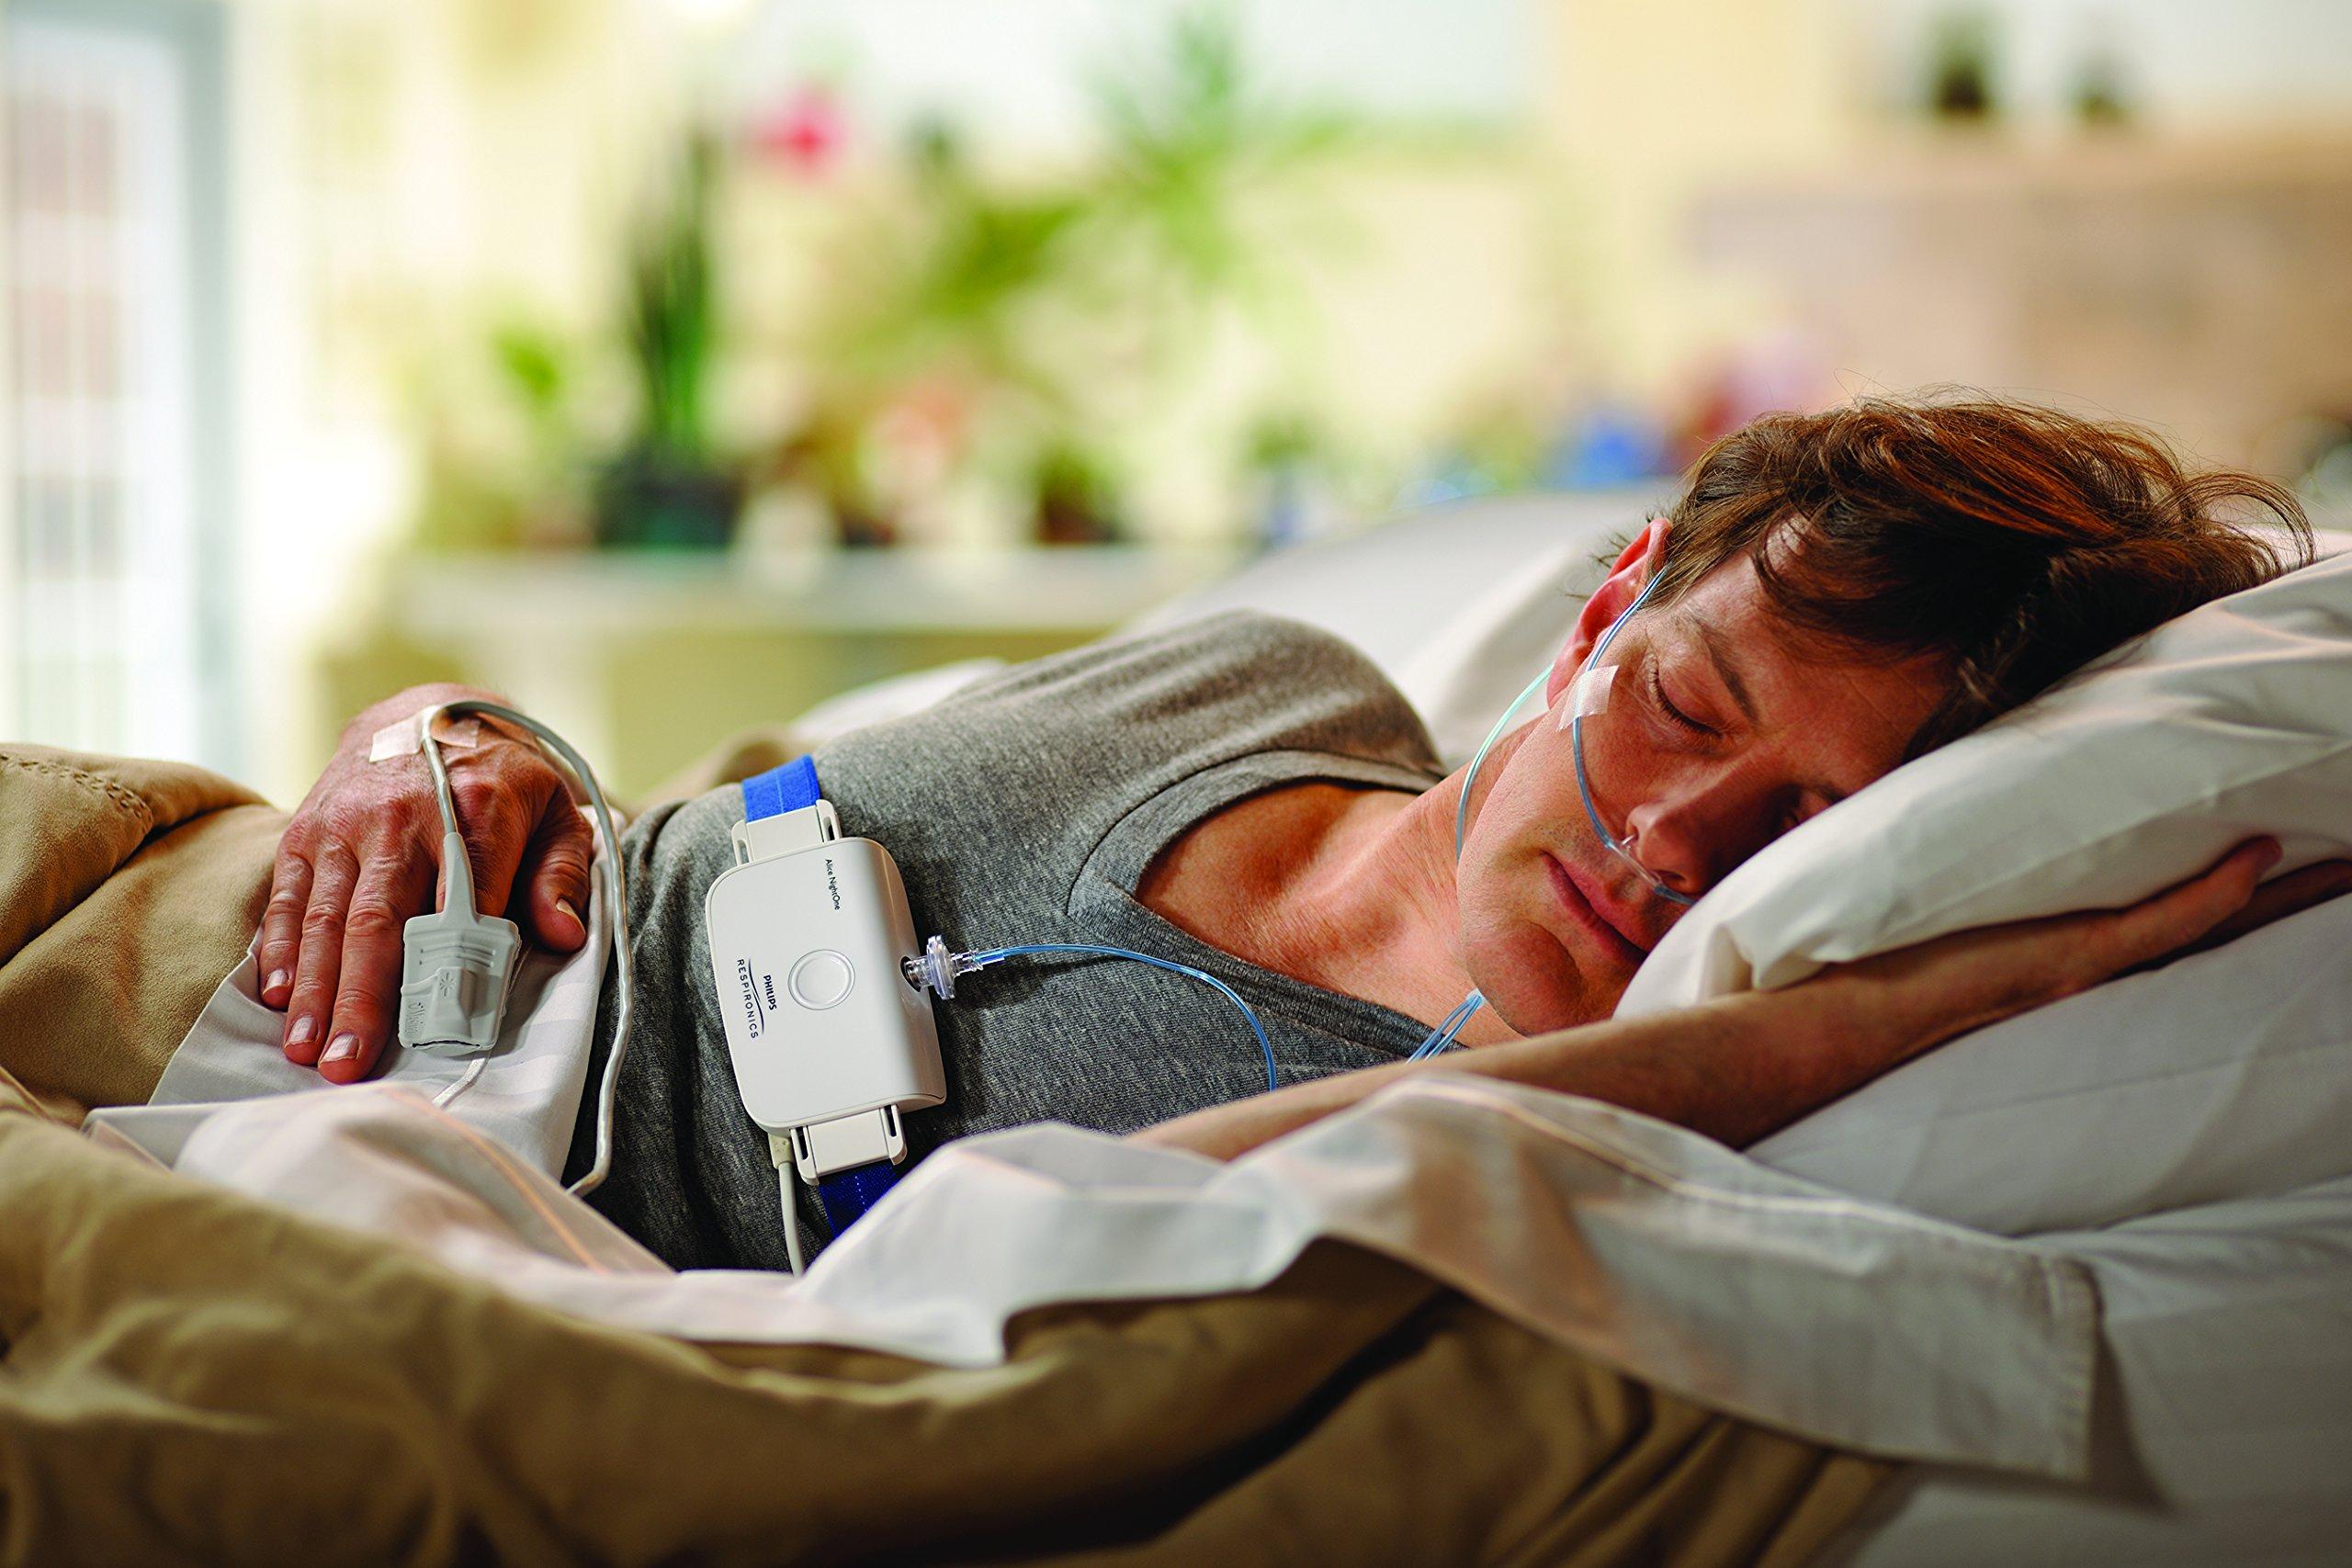 Home Sleep Test for Sleep Apnea